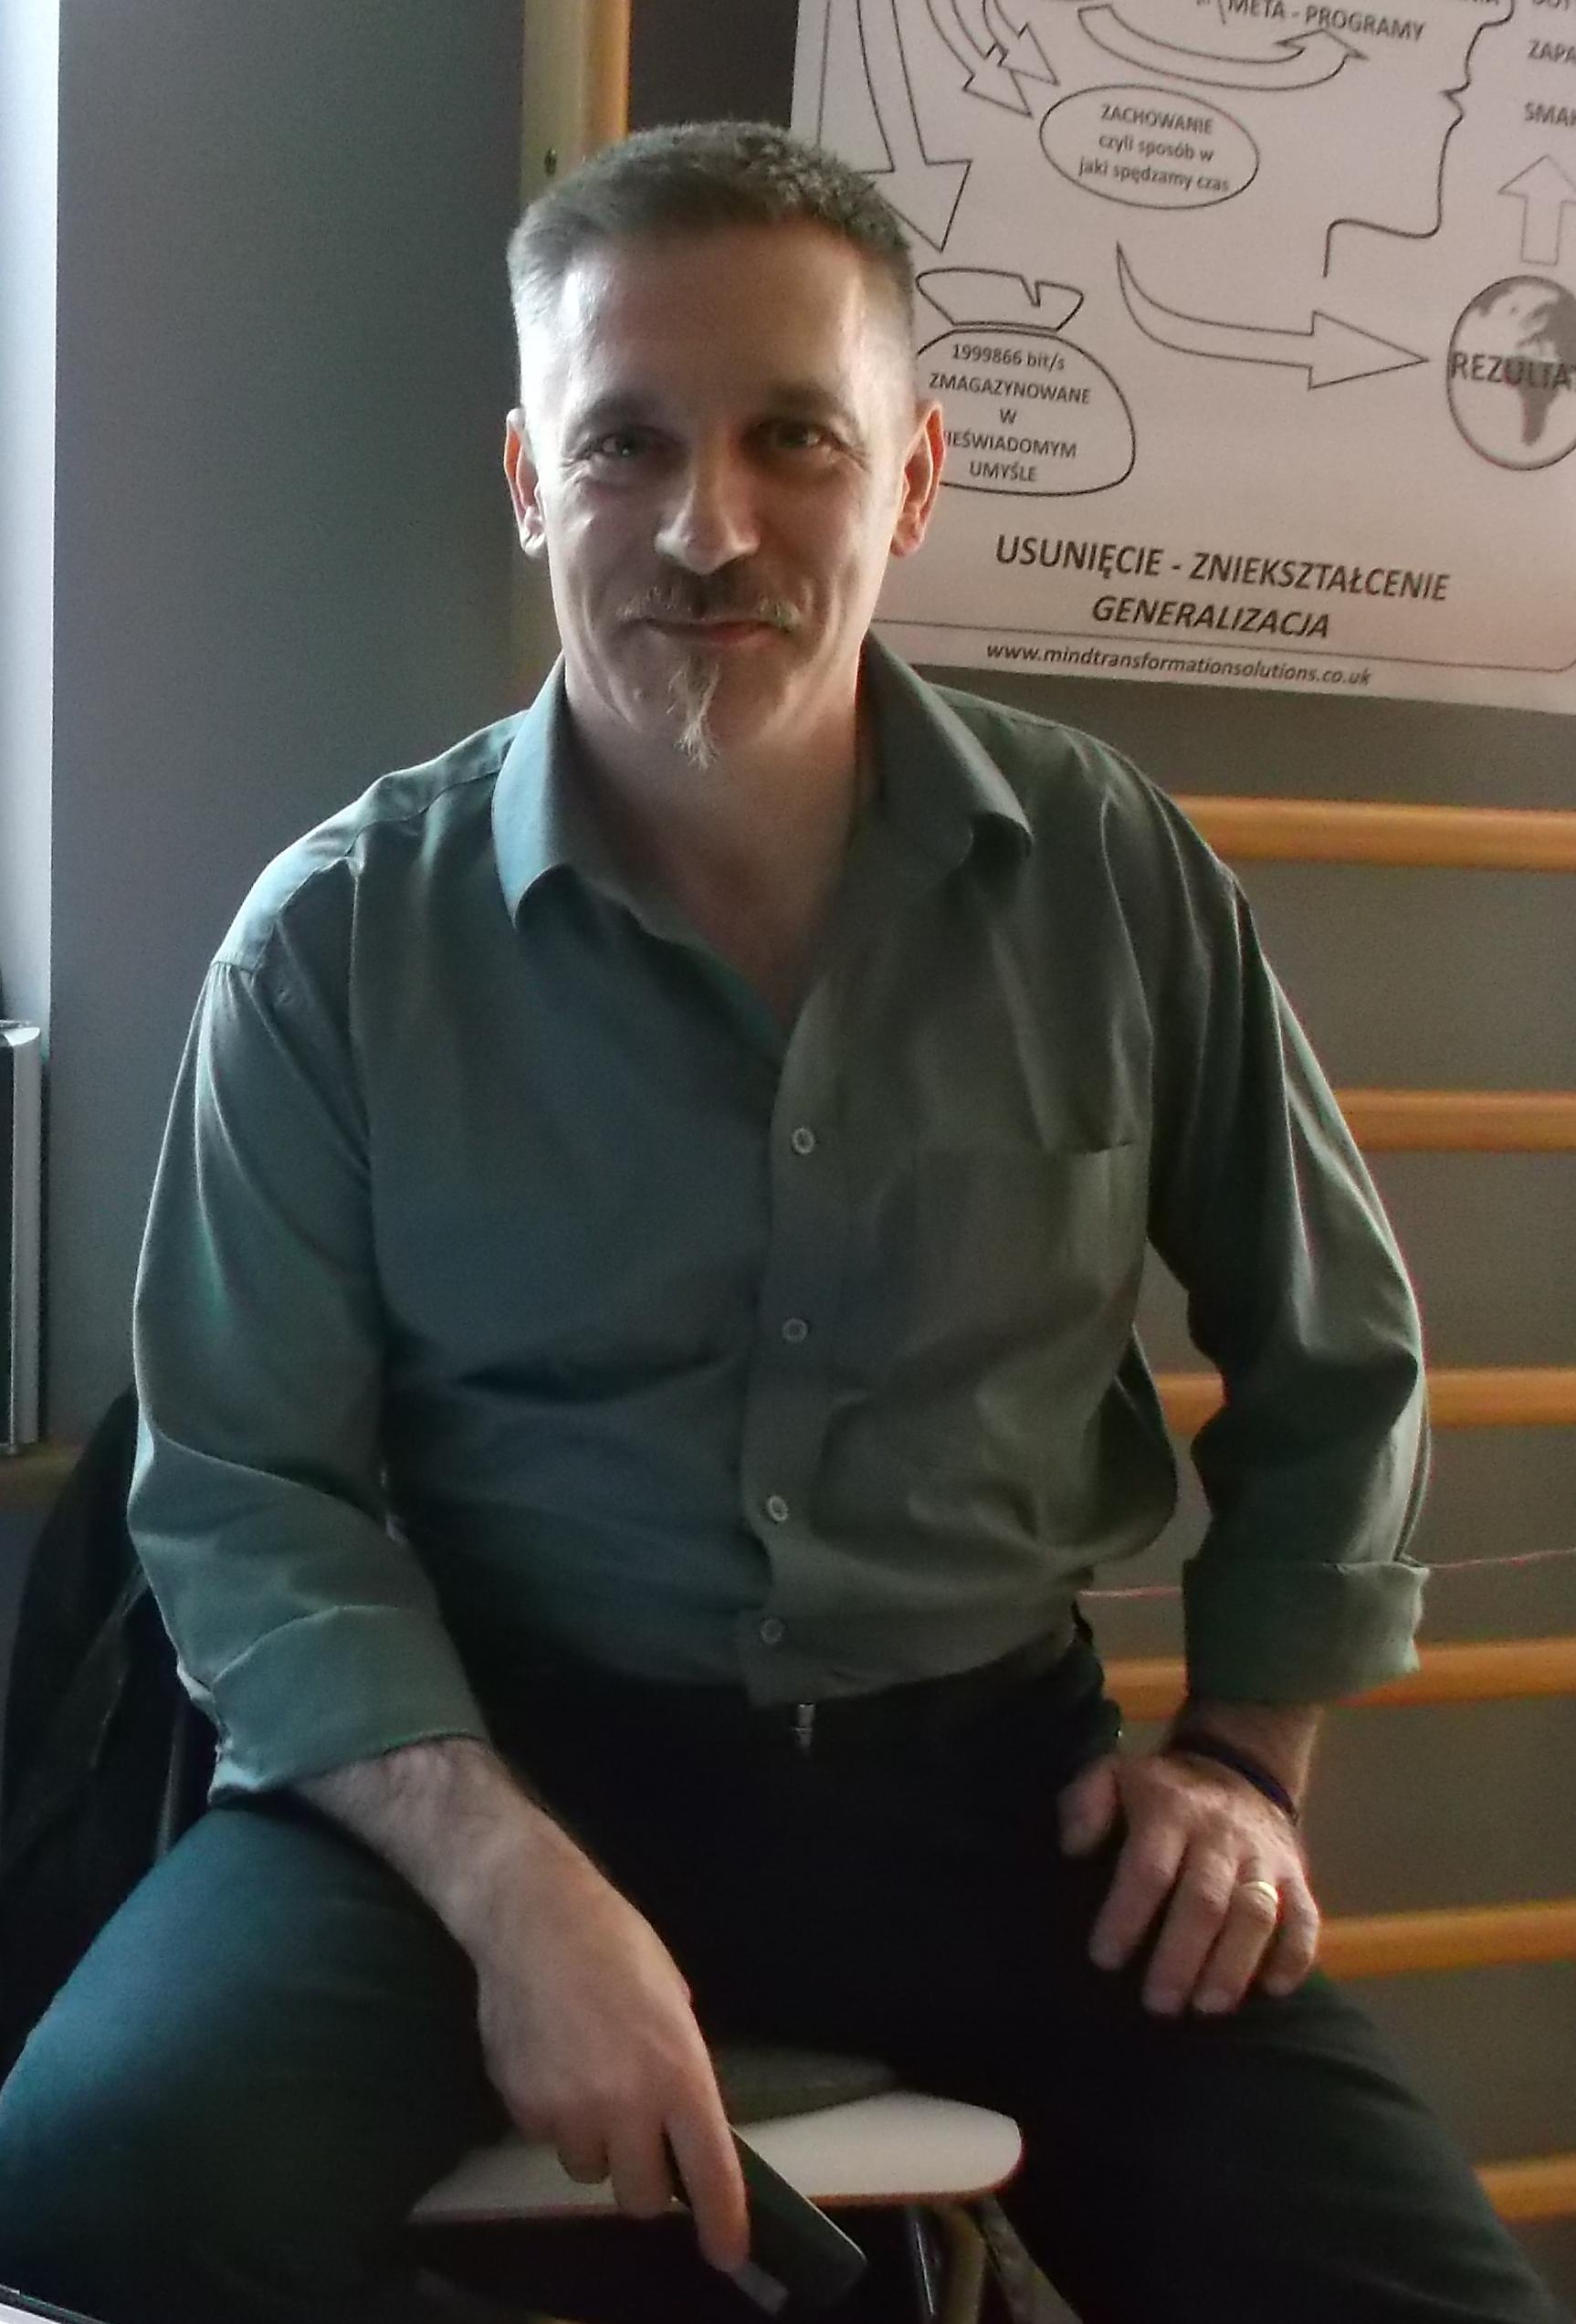 Tom Jagiello